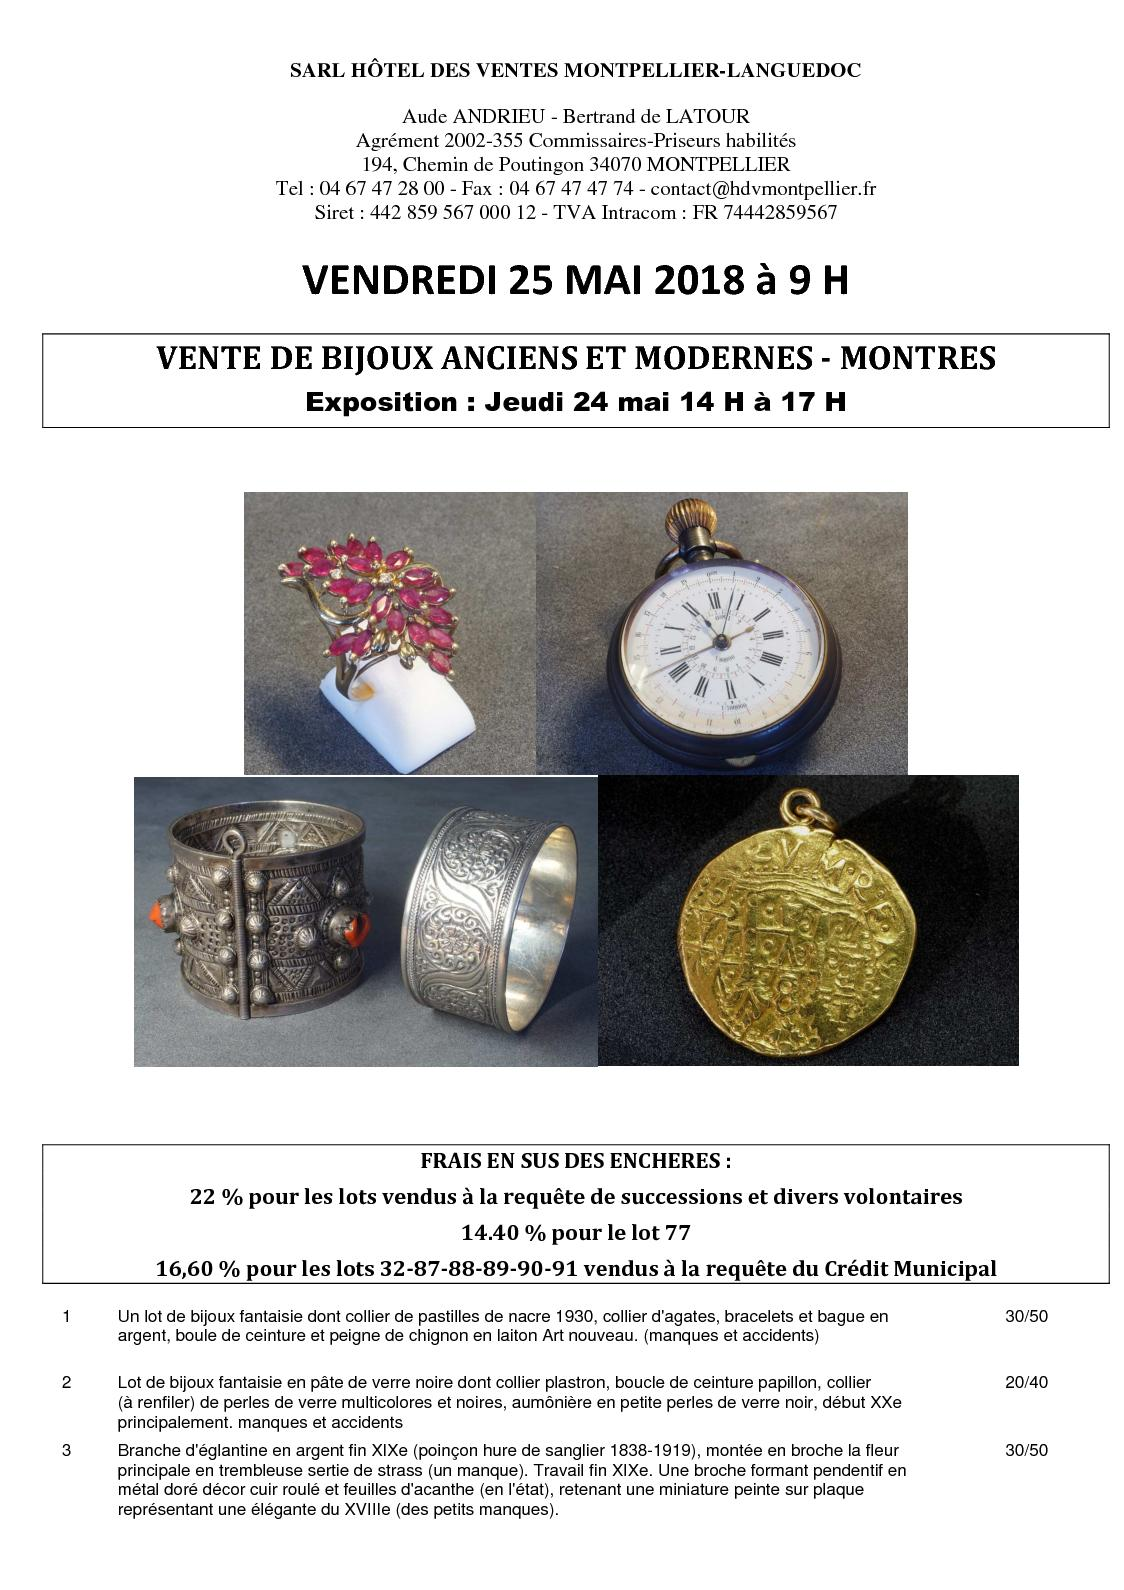 Calaméo - Bijoux anciens et modernes - Vendredi 25 mai 2018 à 09 00 a100b236dab